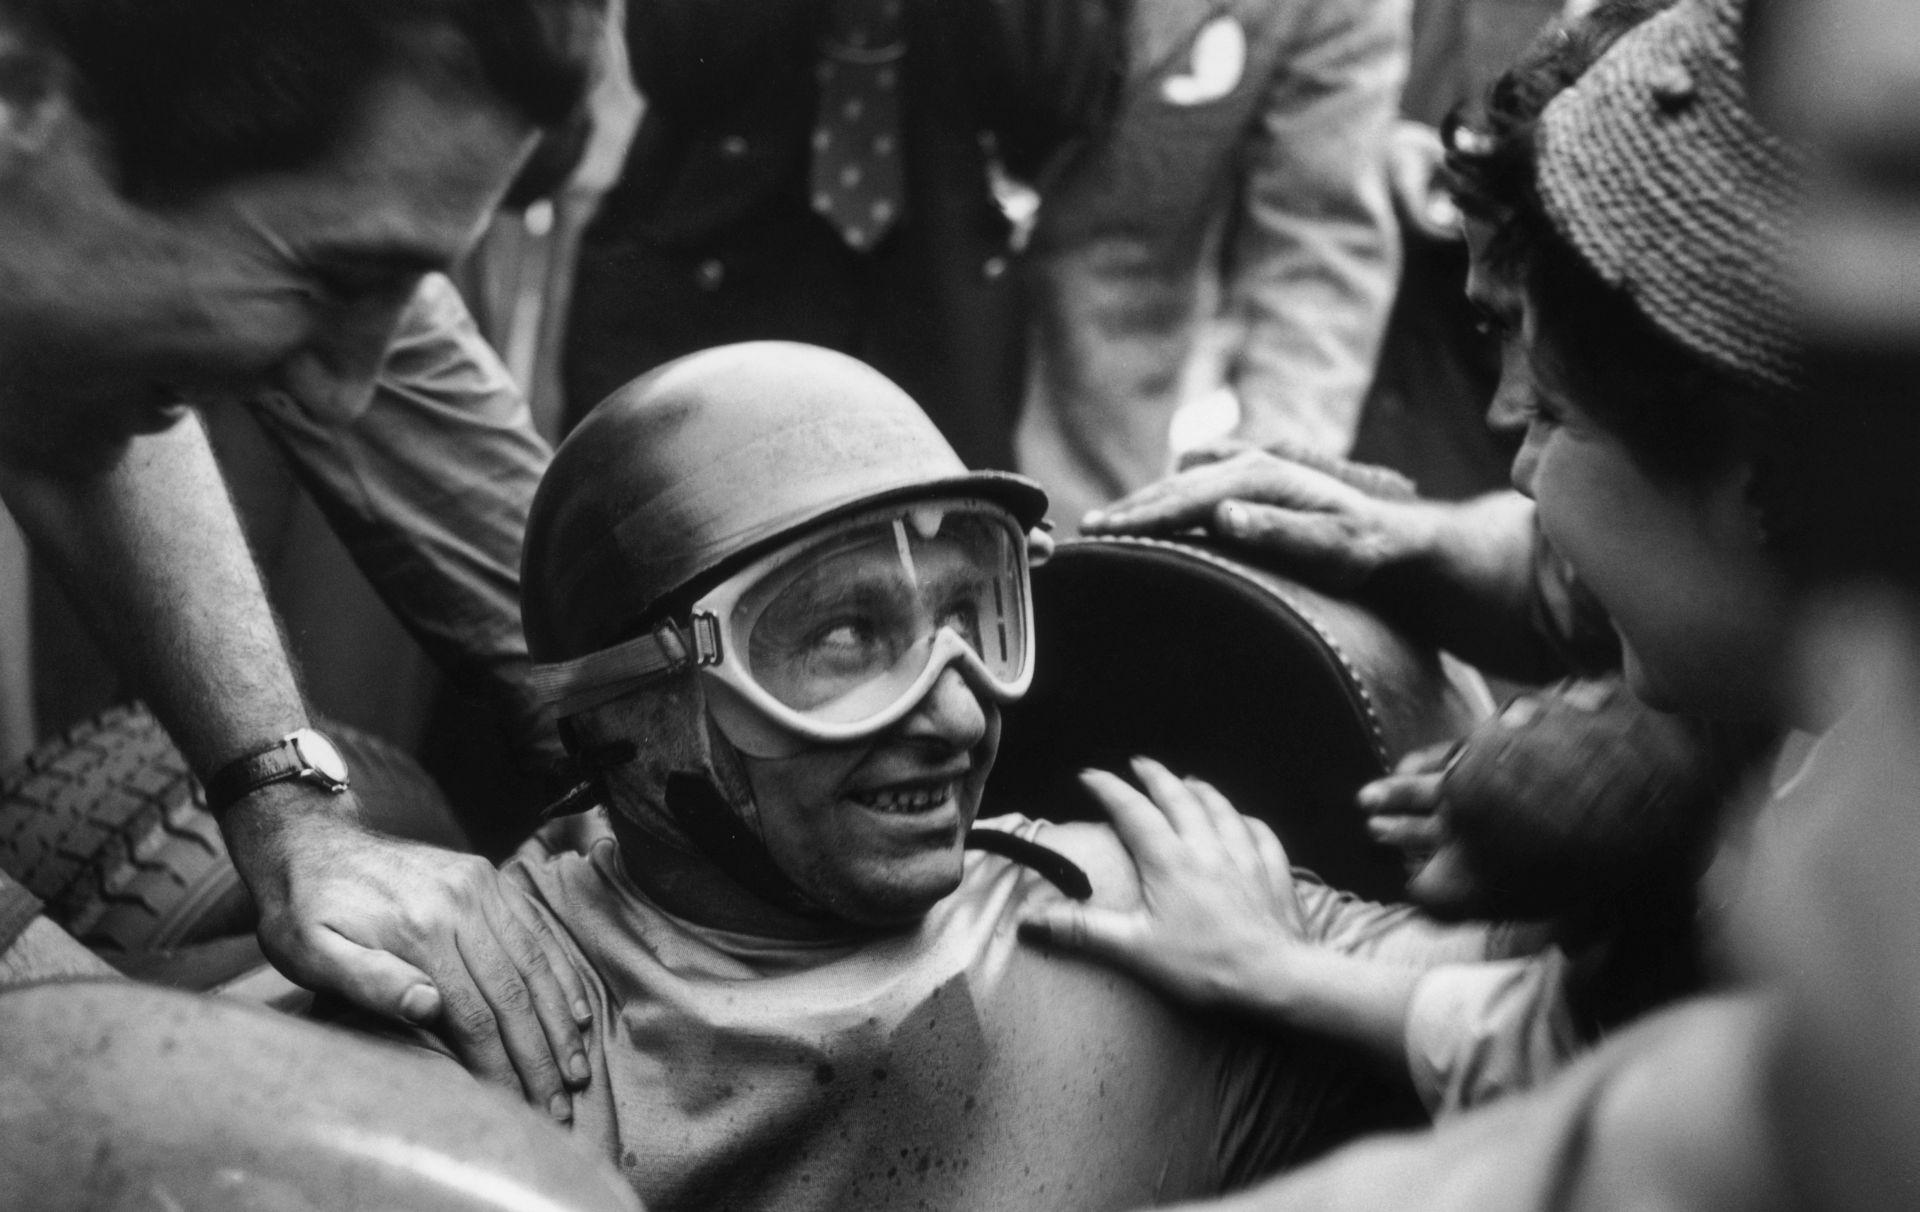 20 GODINA NAKON SMRTI Tijelo slavnog vozača Fangija biti će eshumirano zbog testa očinstva